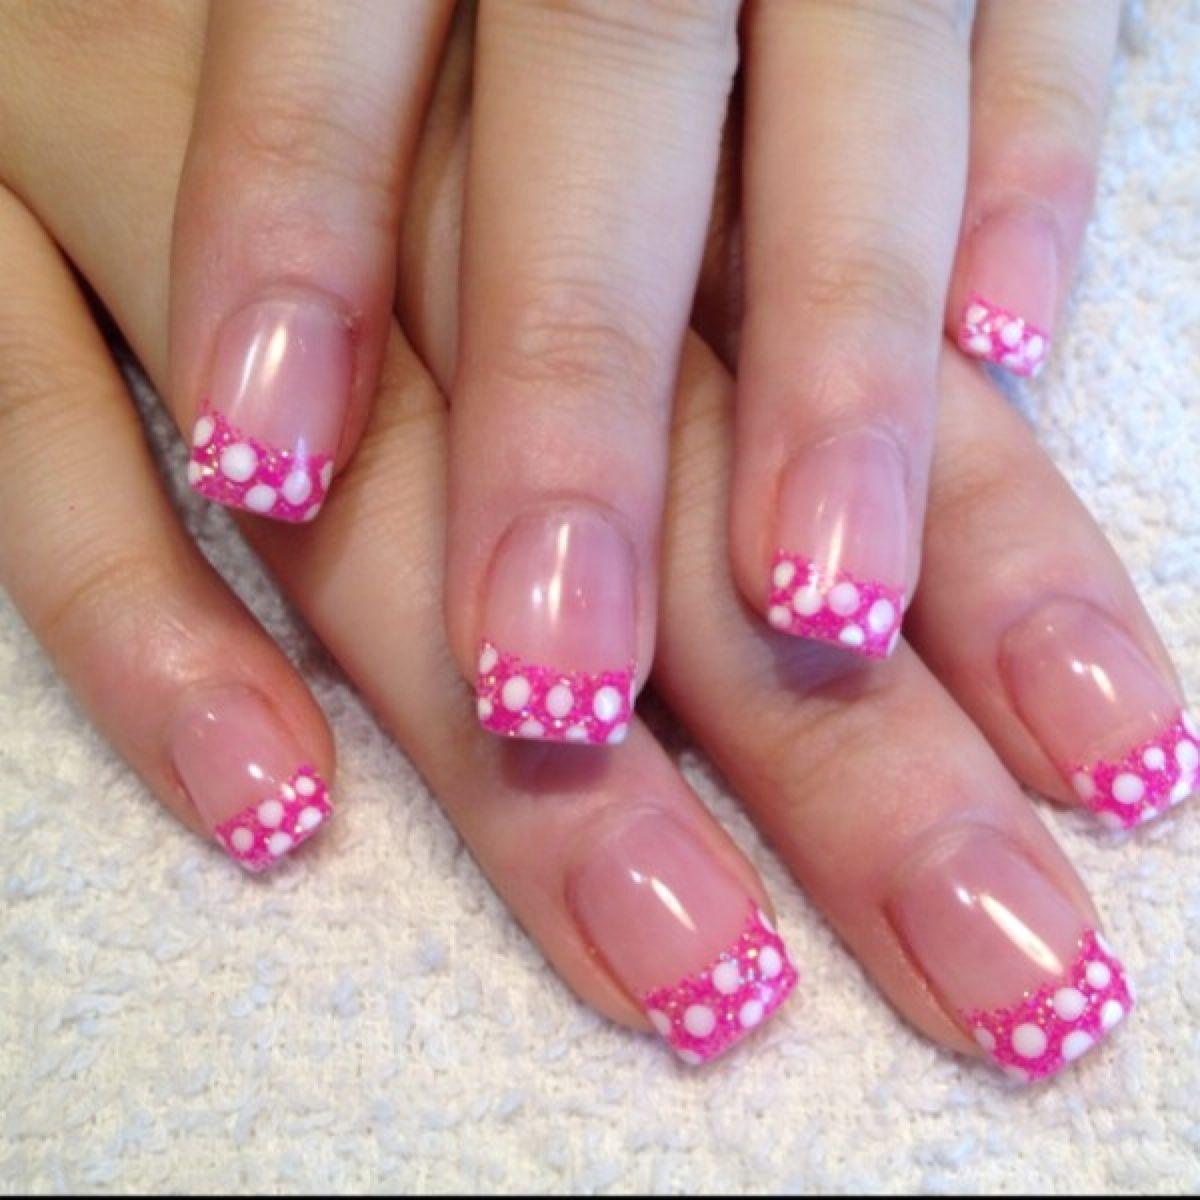 Hot Pink Glitter With White Polka Dot Acrylic Nail Tips Fake Nails Designs Gel Nail Designs Dots Nails